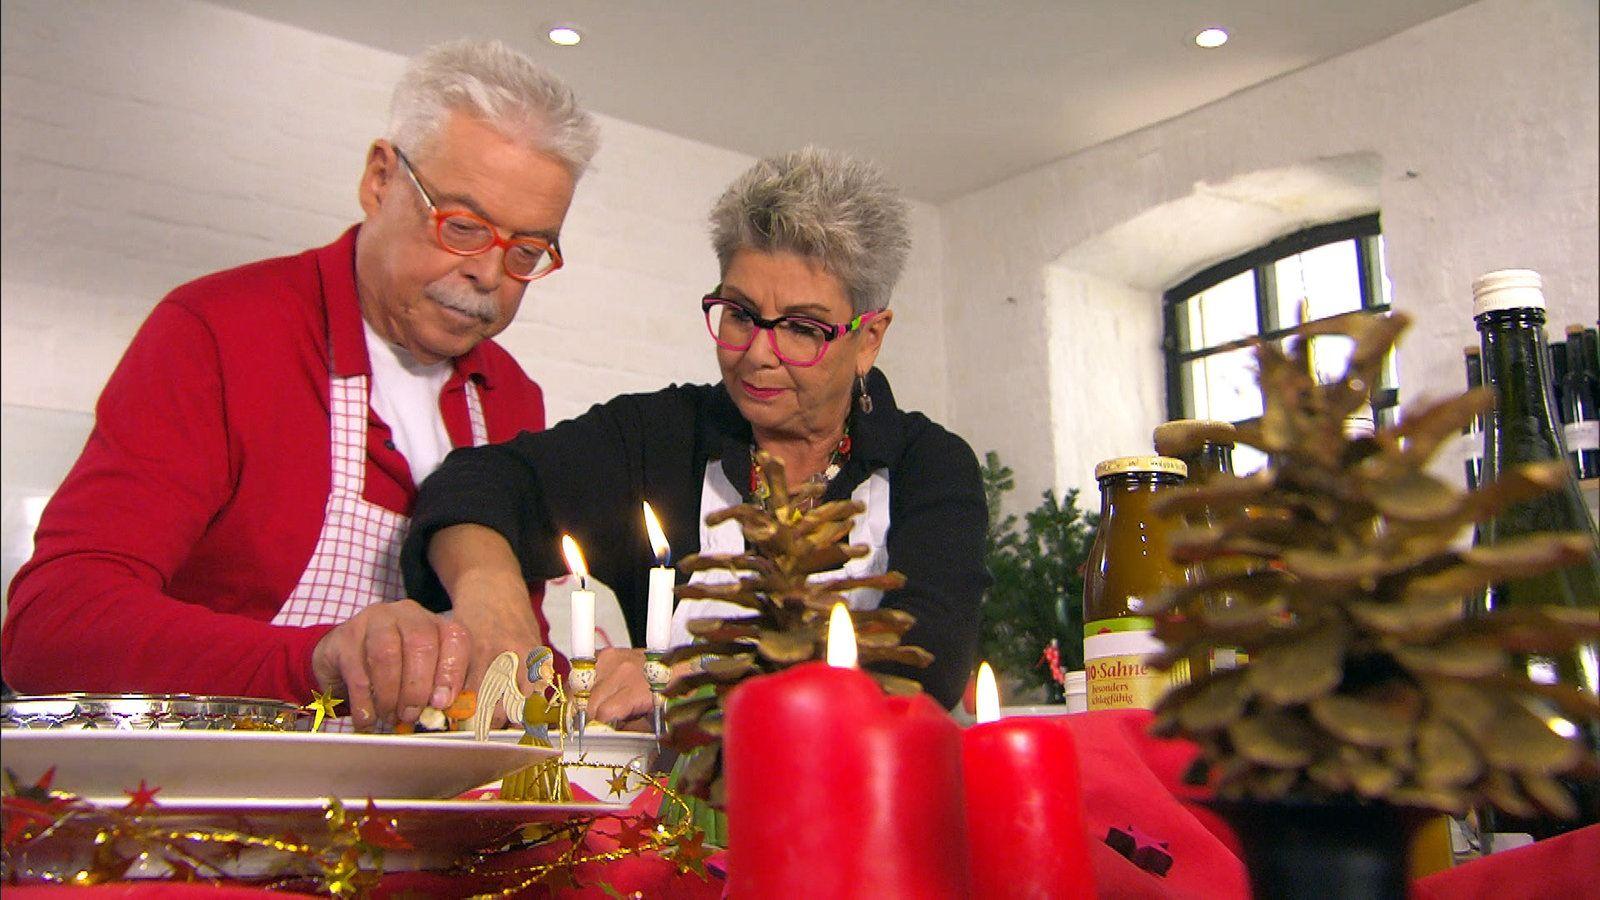 Martina Und Moritz Weihnachtsmenü